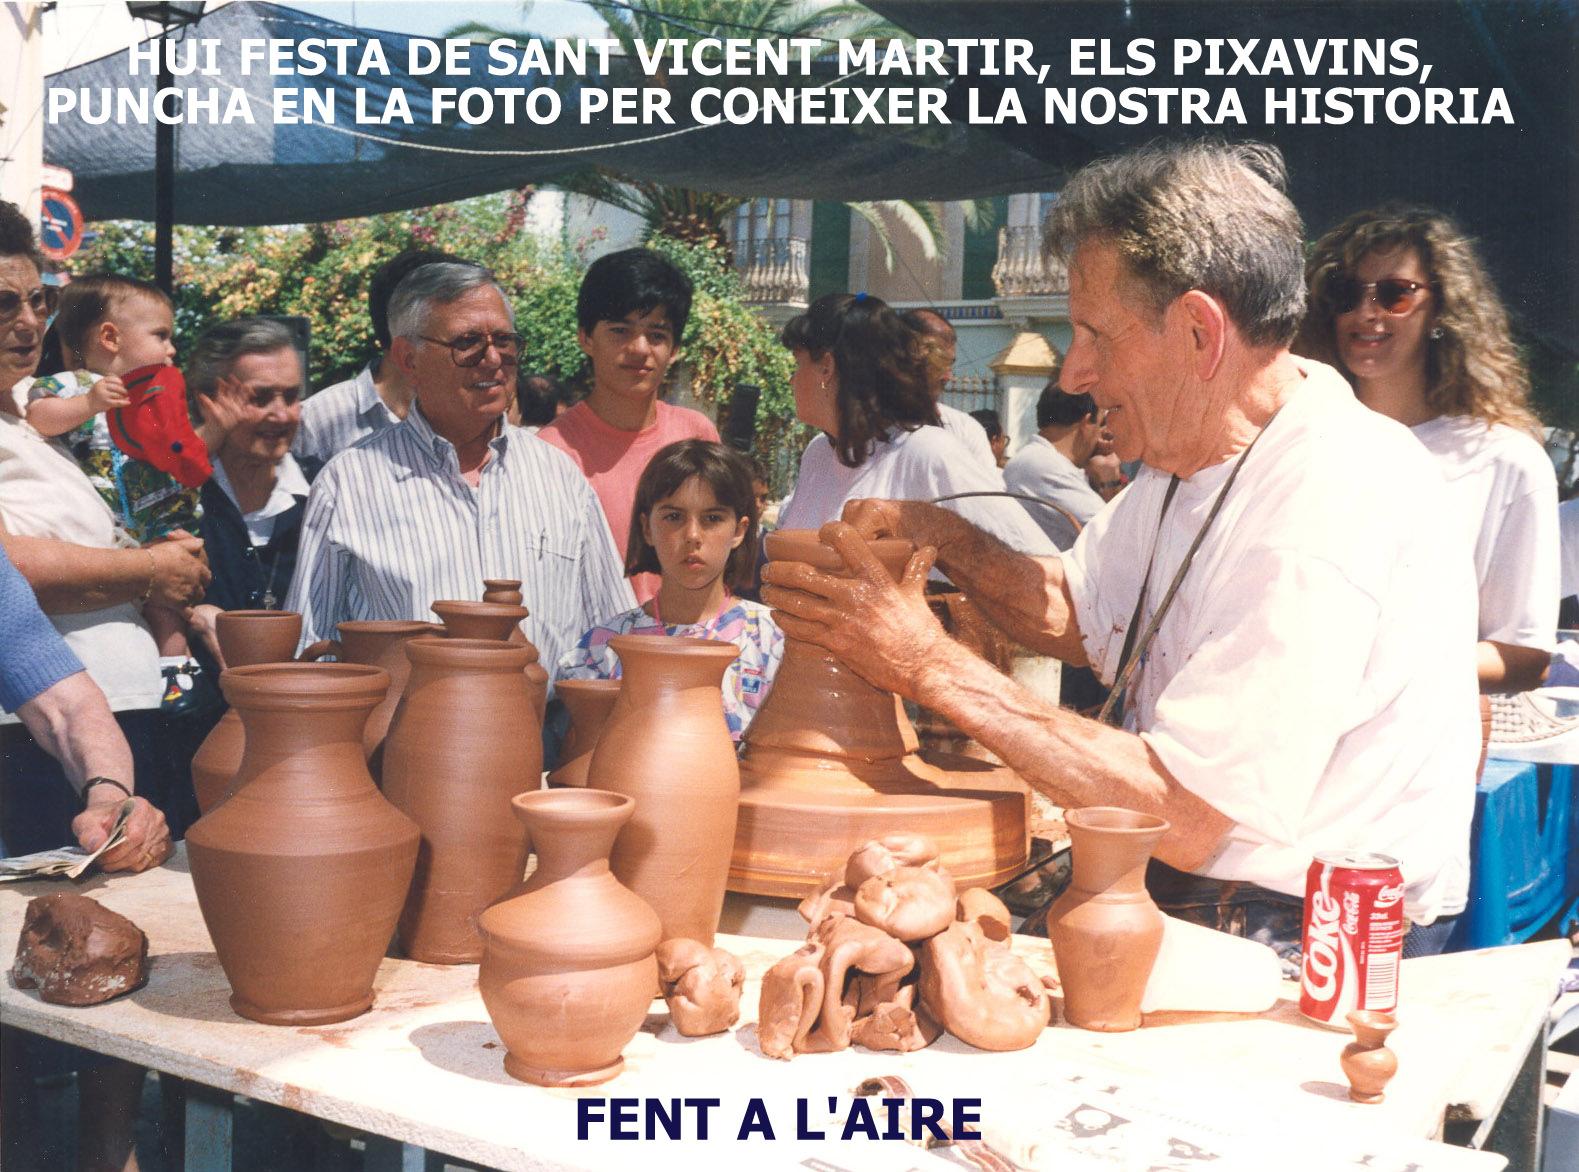 22.01.16 ELS PIXAVINS, FESTA DEL PATRÓ DE VALENCIA, SANT VICENT MARTIR.